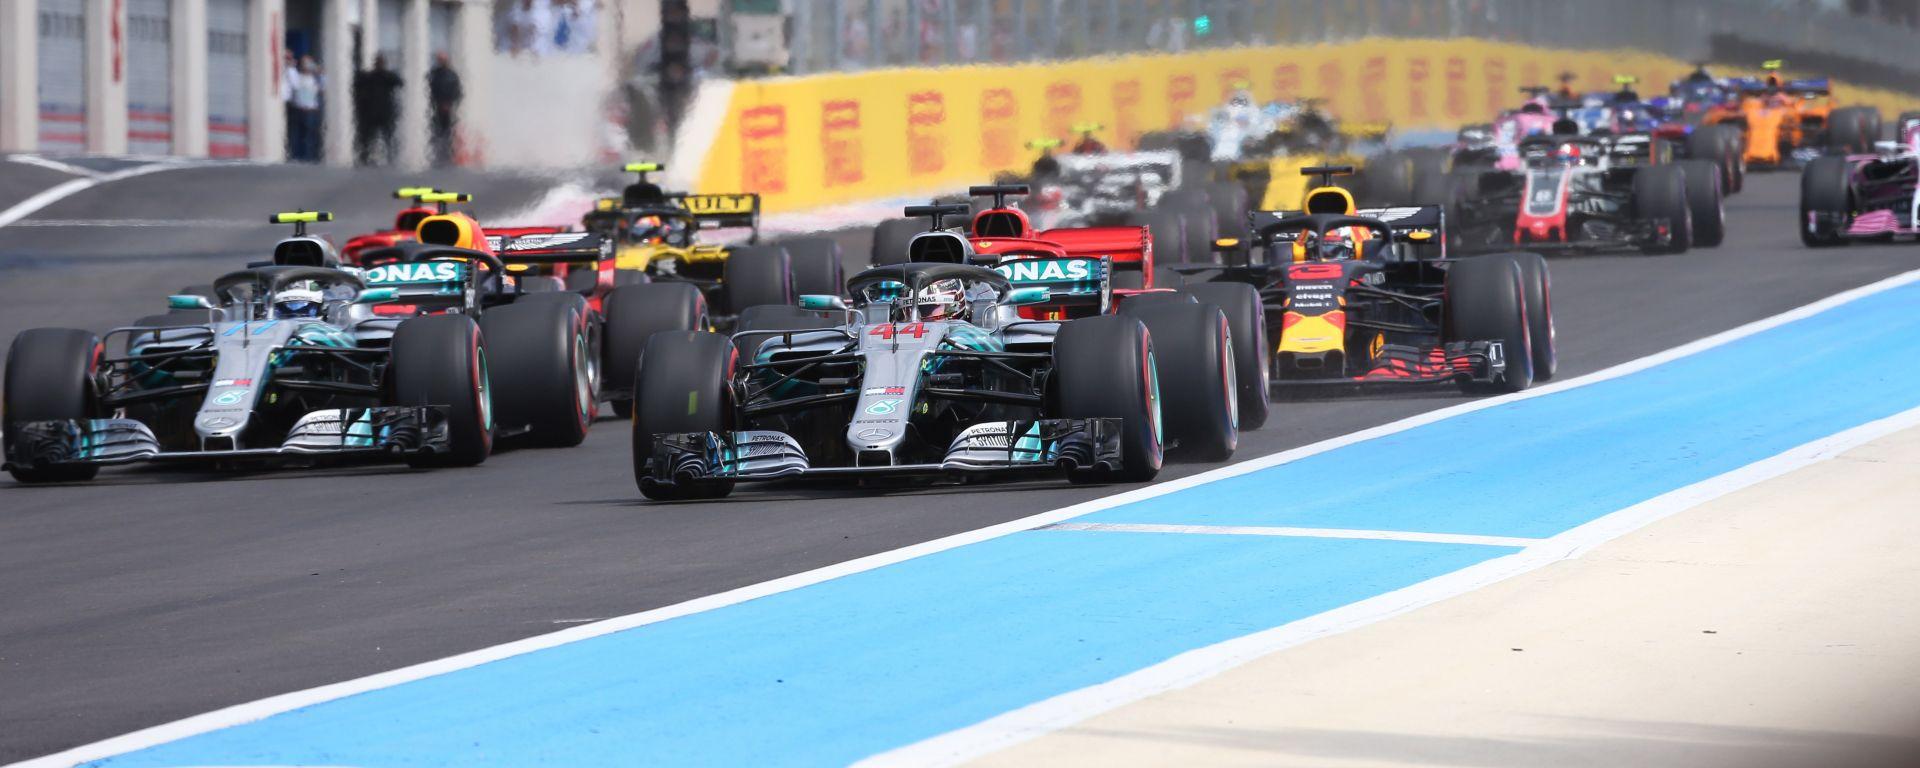 F1 GP Francia 2019, Le Castellet: gli orari tv di Sky e TV8